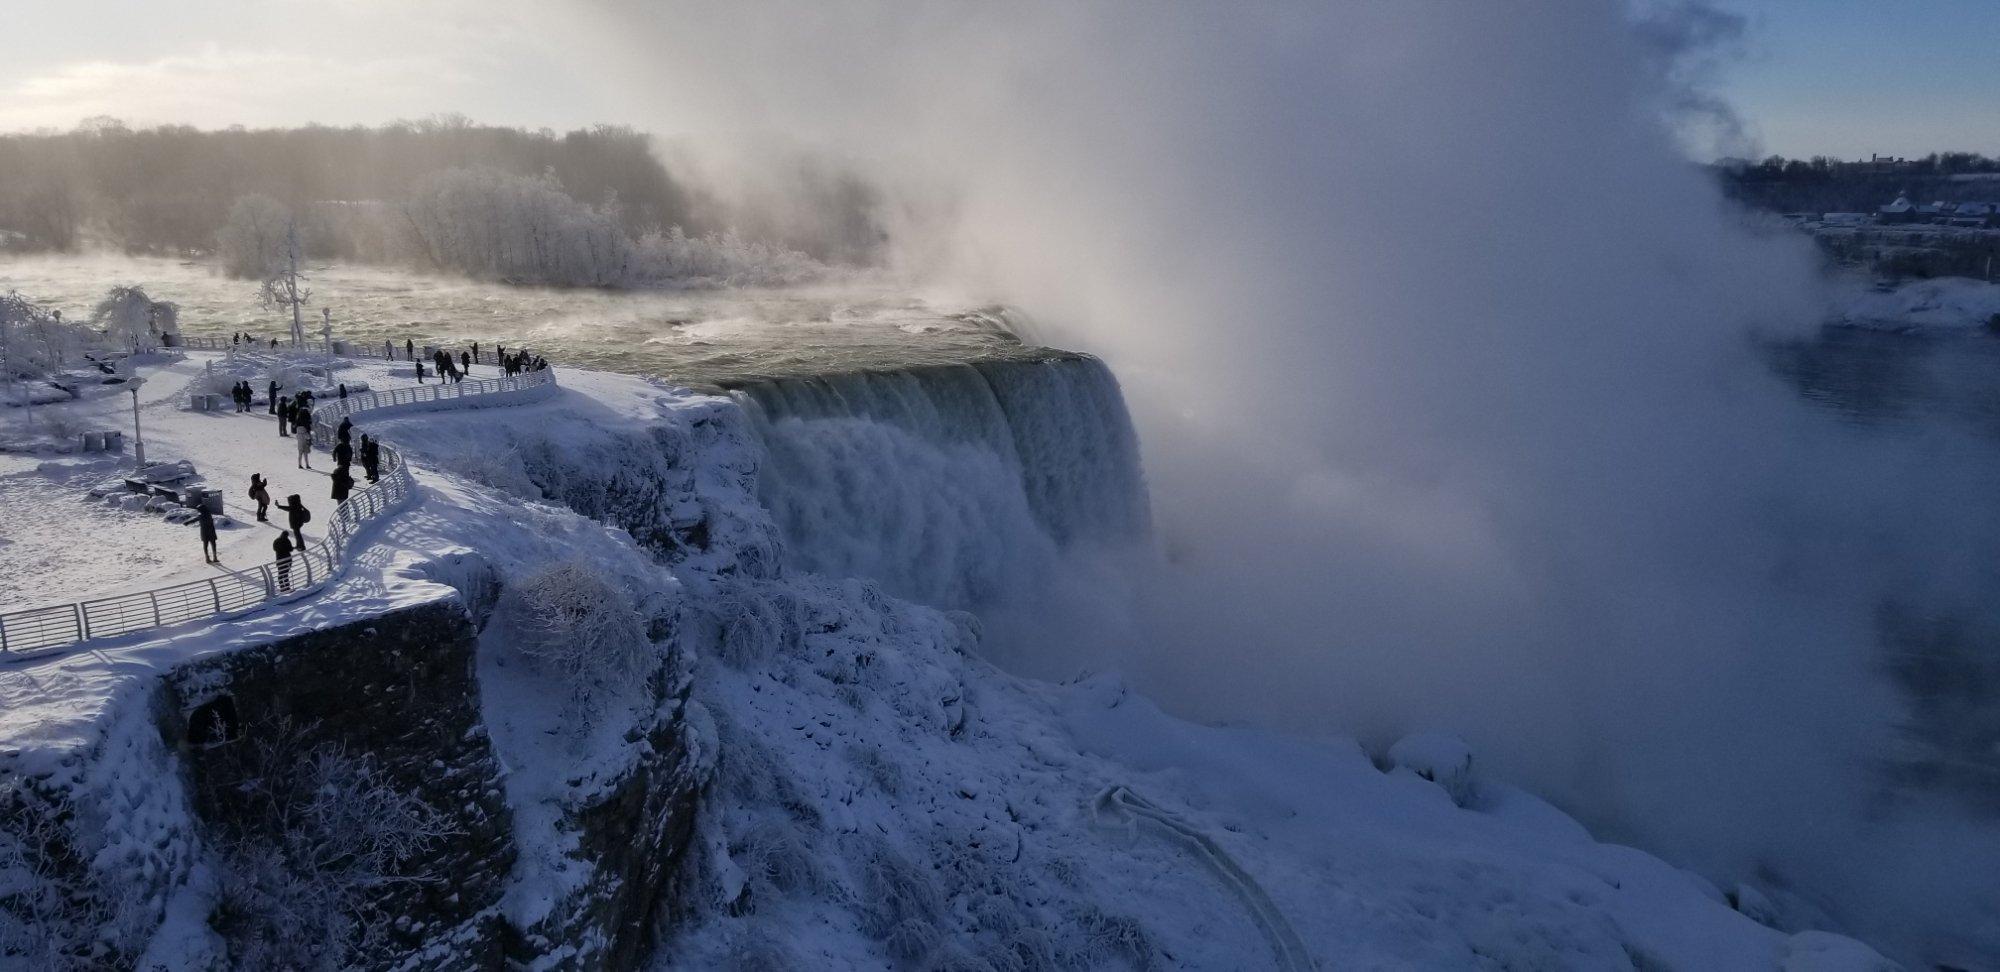 Niagara Falls December 28th, 2018